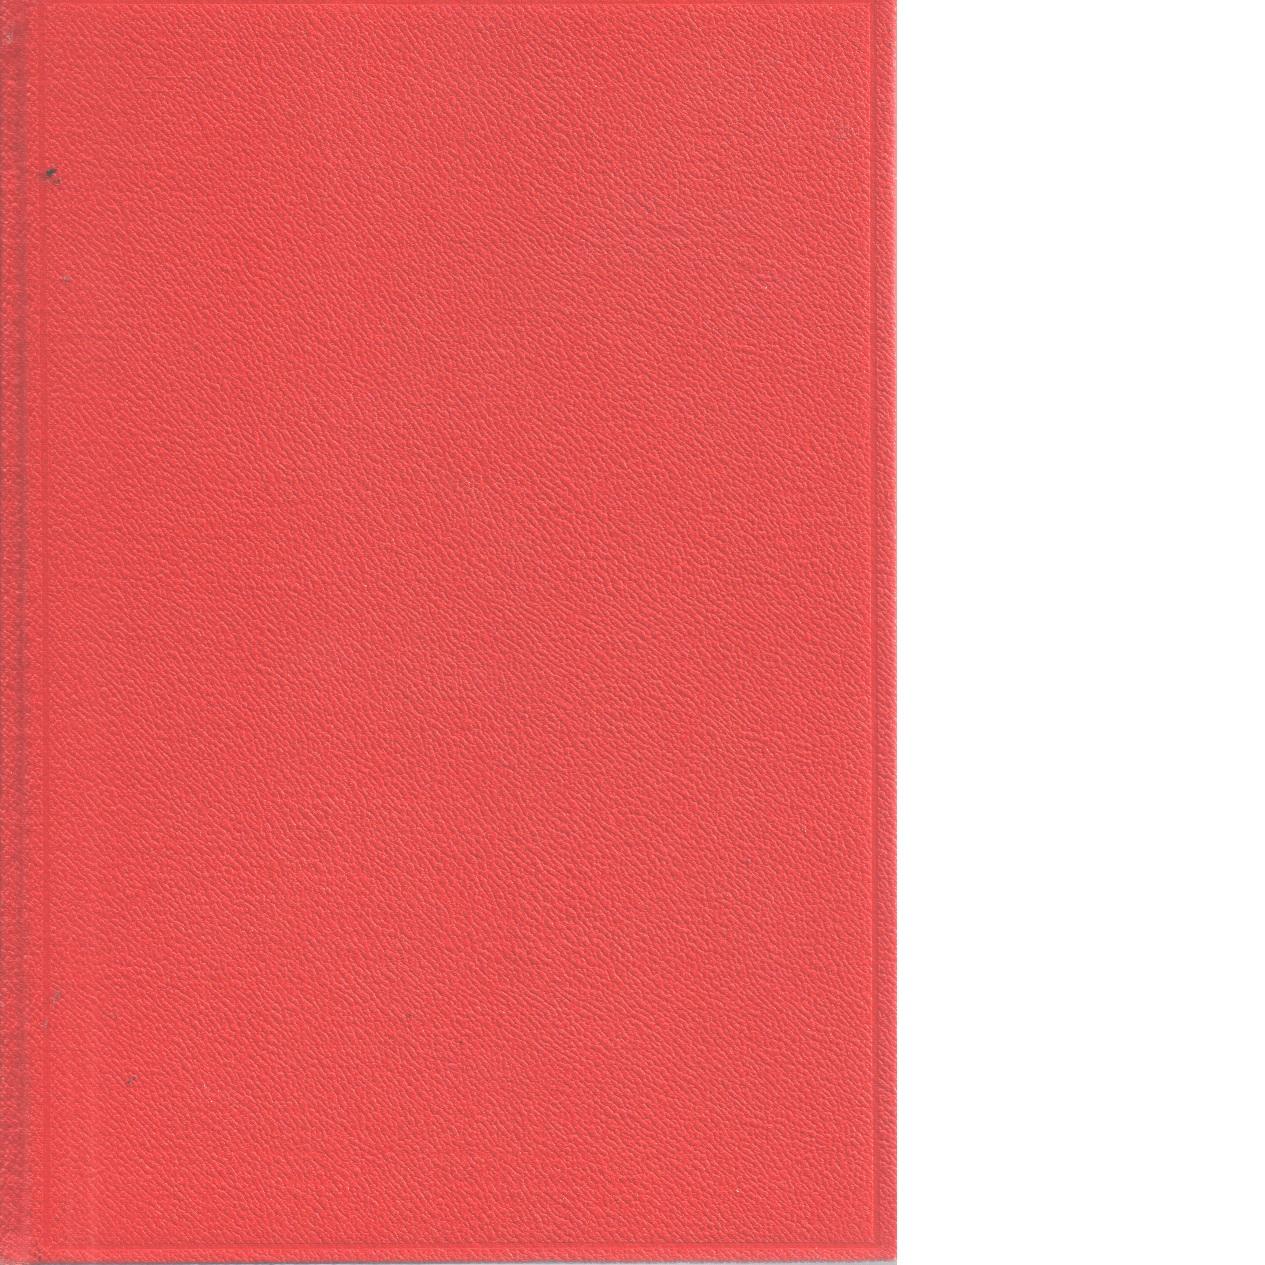 Teknik och hobby Bd 5 S - Red.